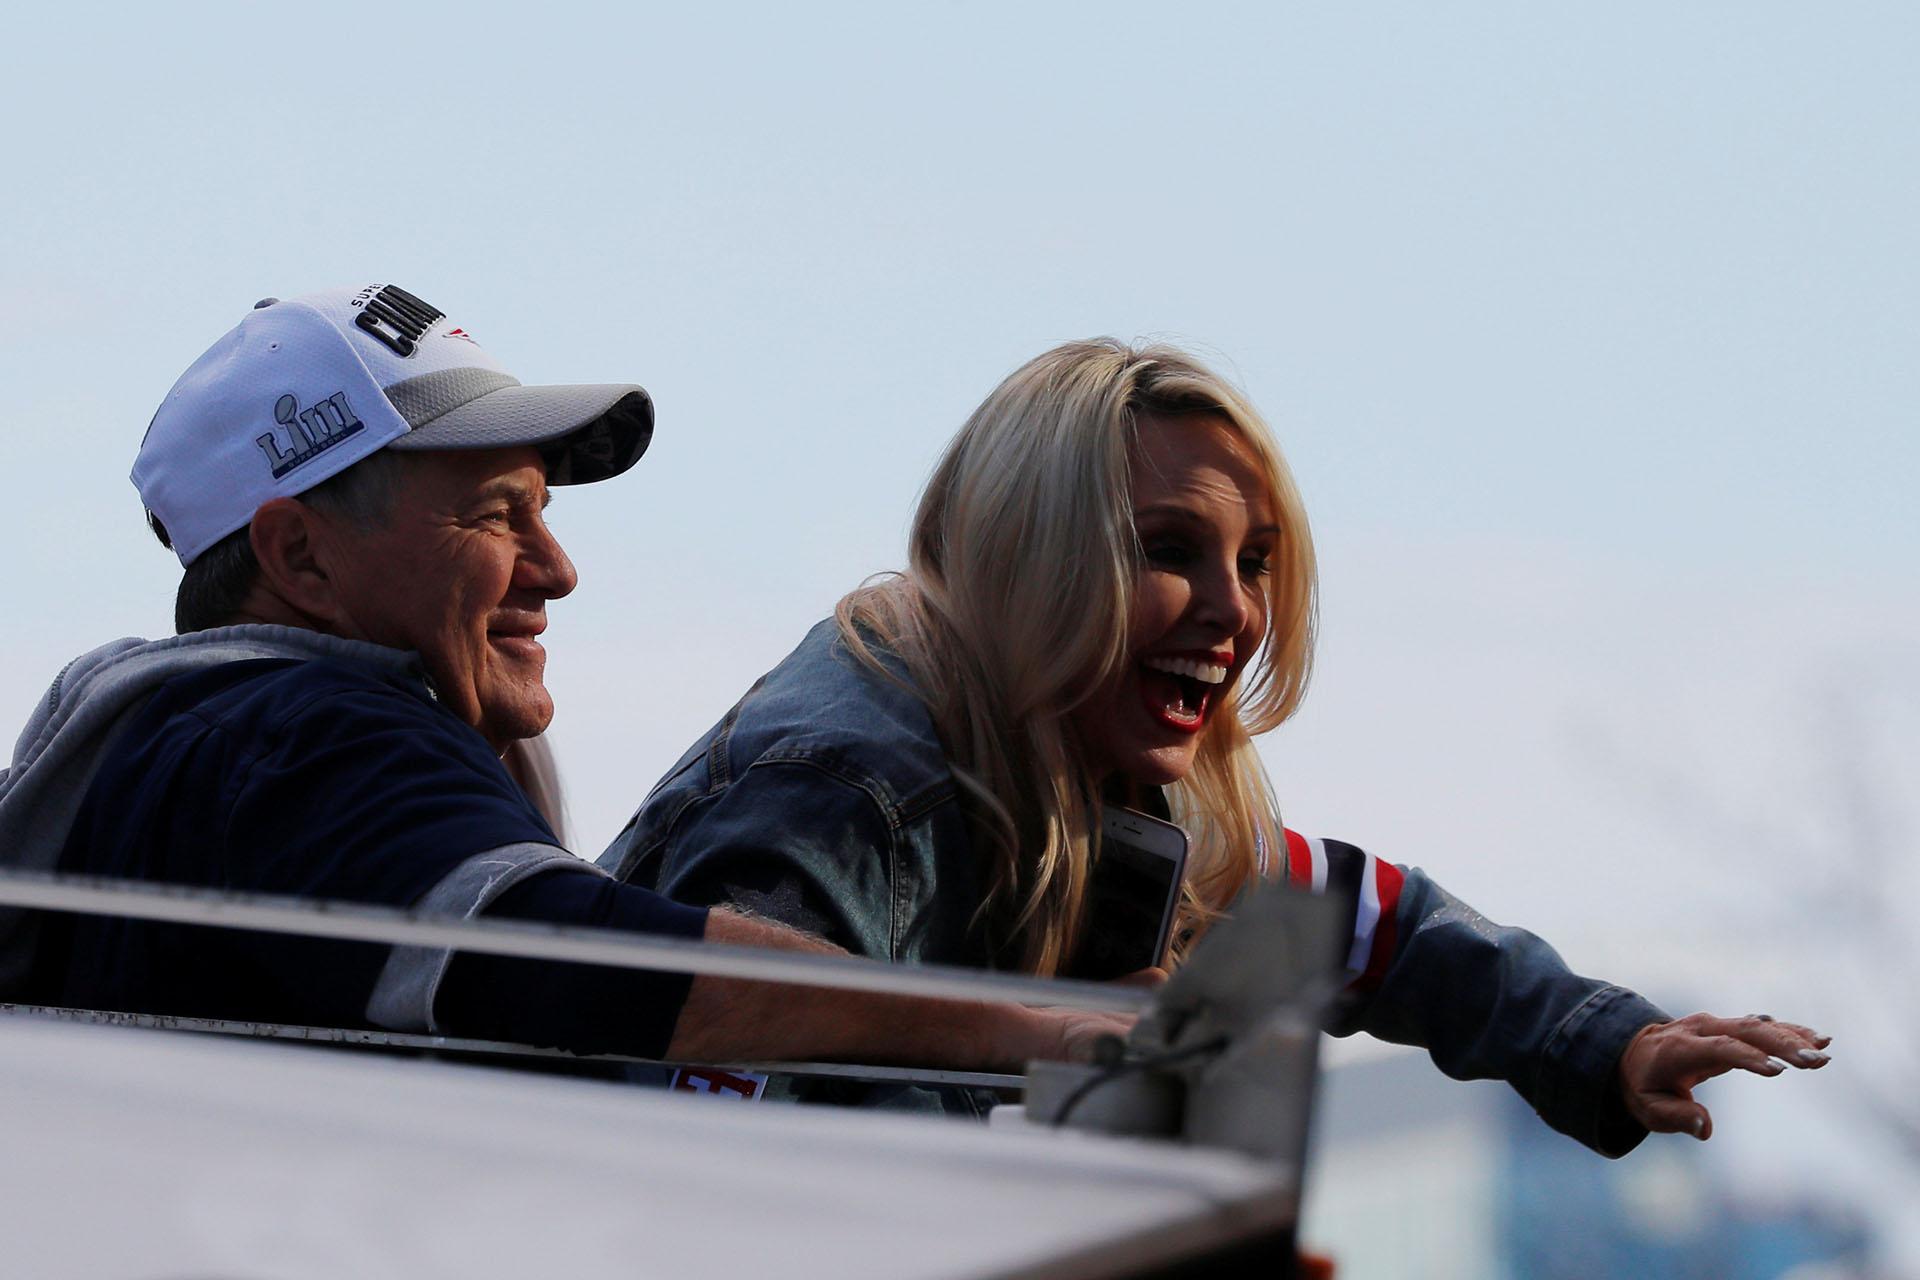 El coach Bill Belichick junto a su novia Linda Holliday durante la celebración